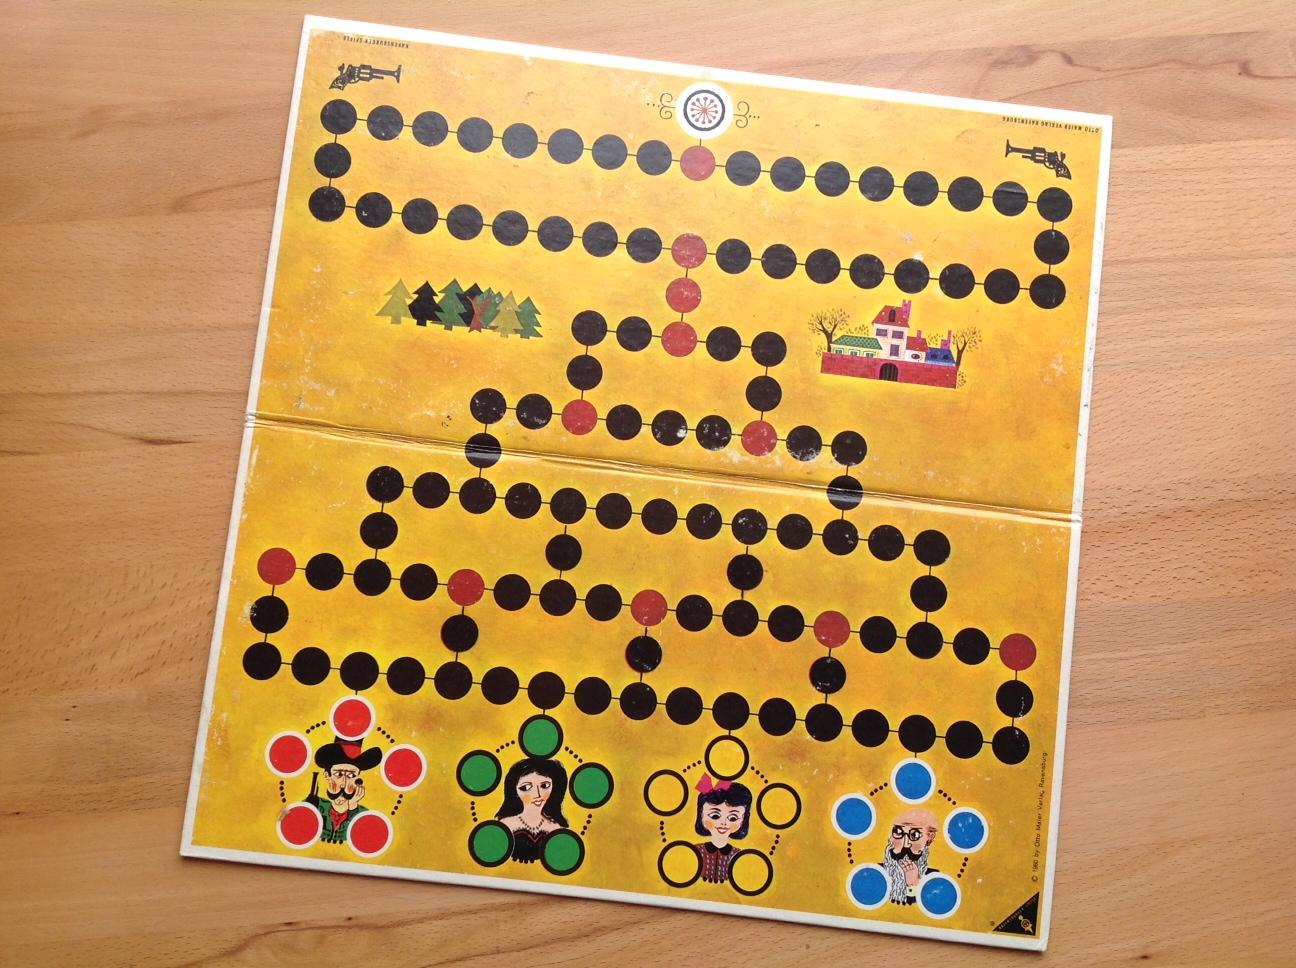 Solitär Brettspiel Kostenlos Spielen